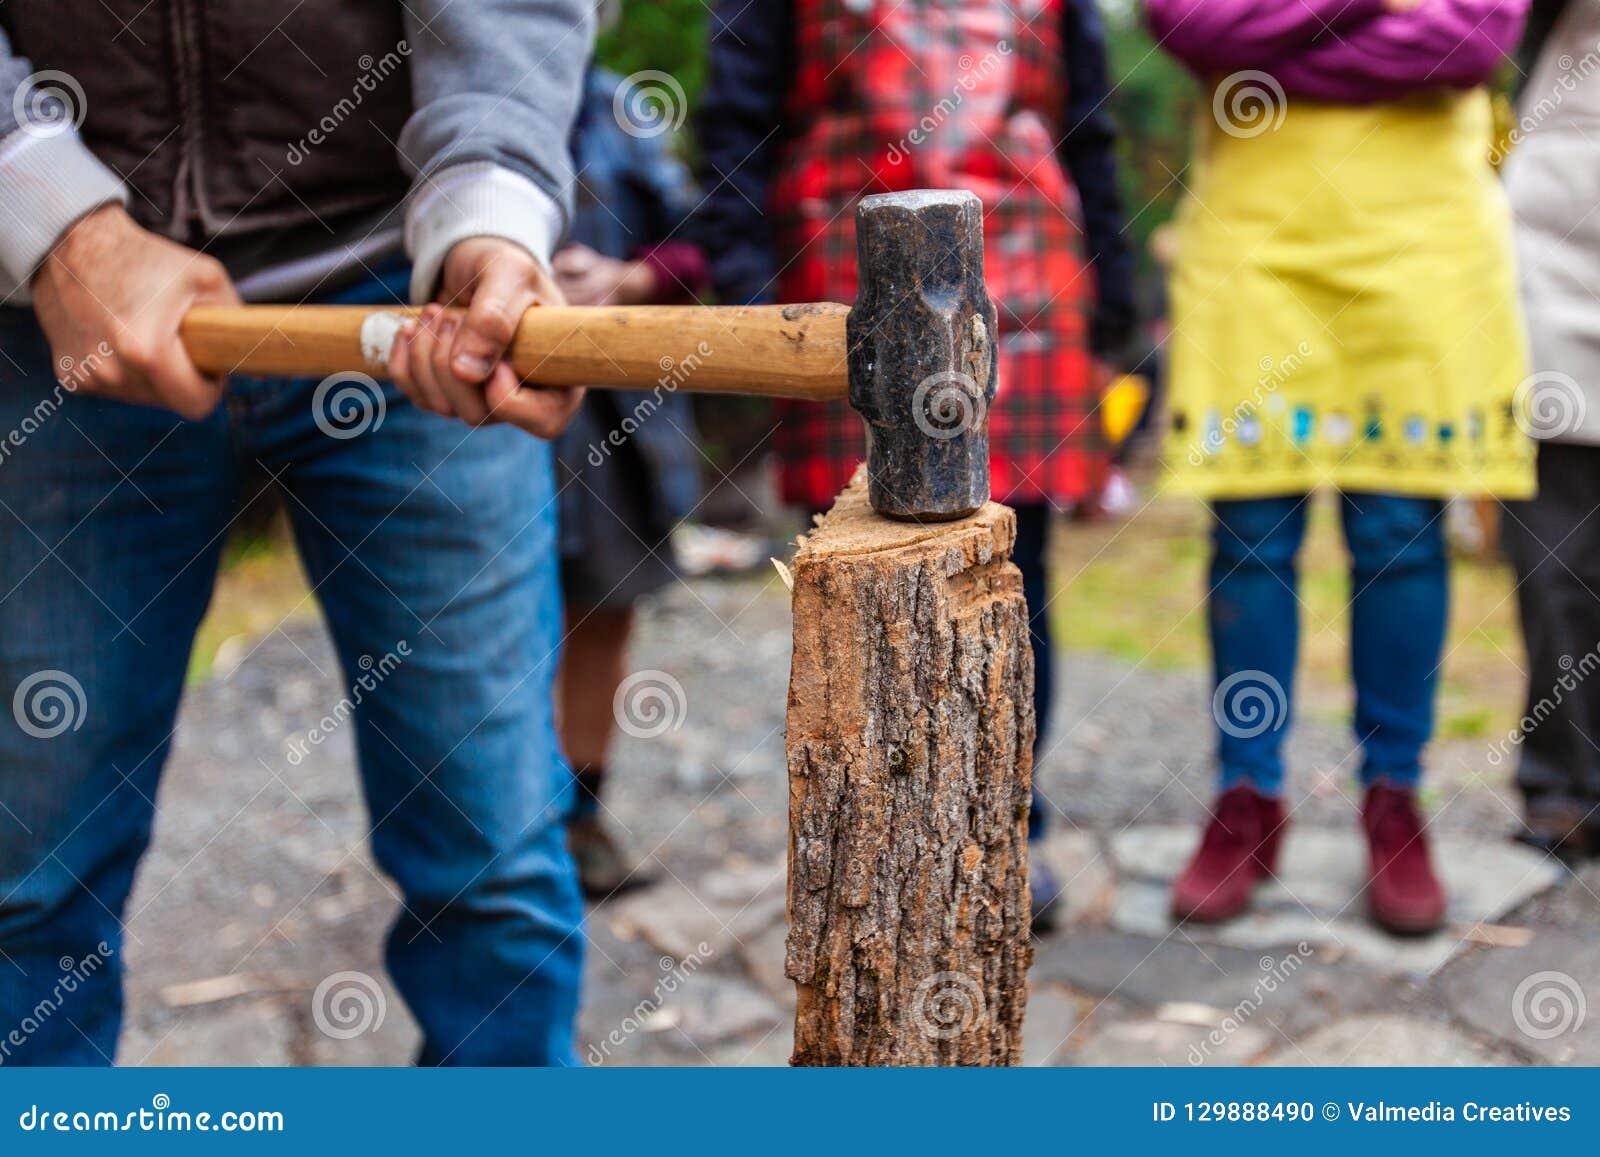 Mannen med pulkahammaren får klar att dela trä